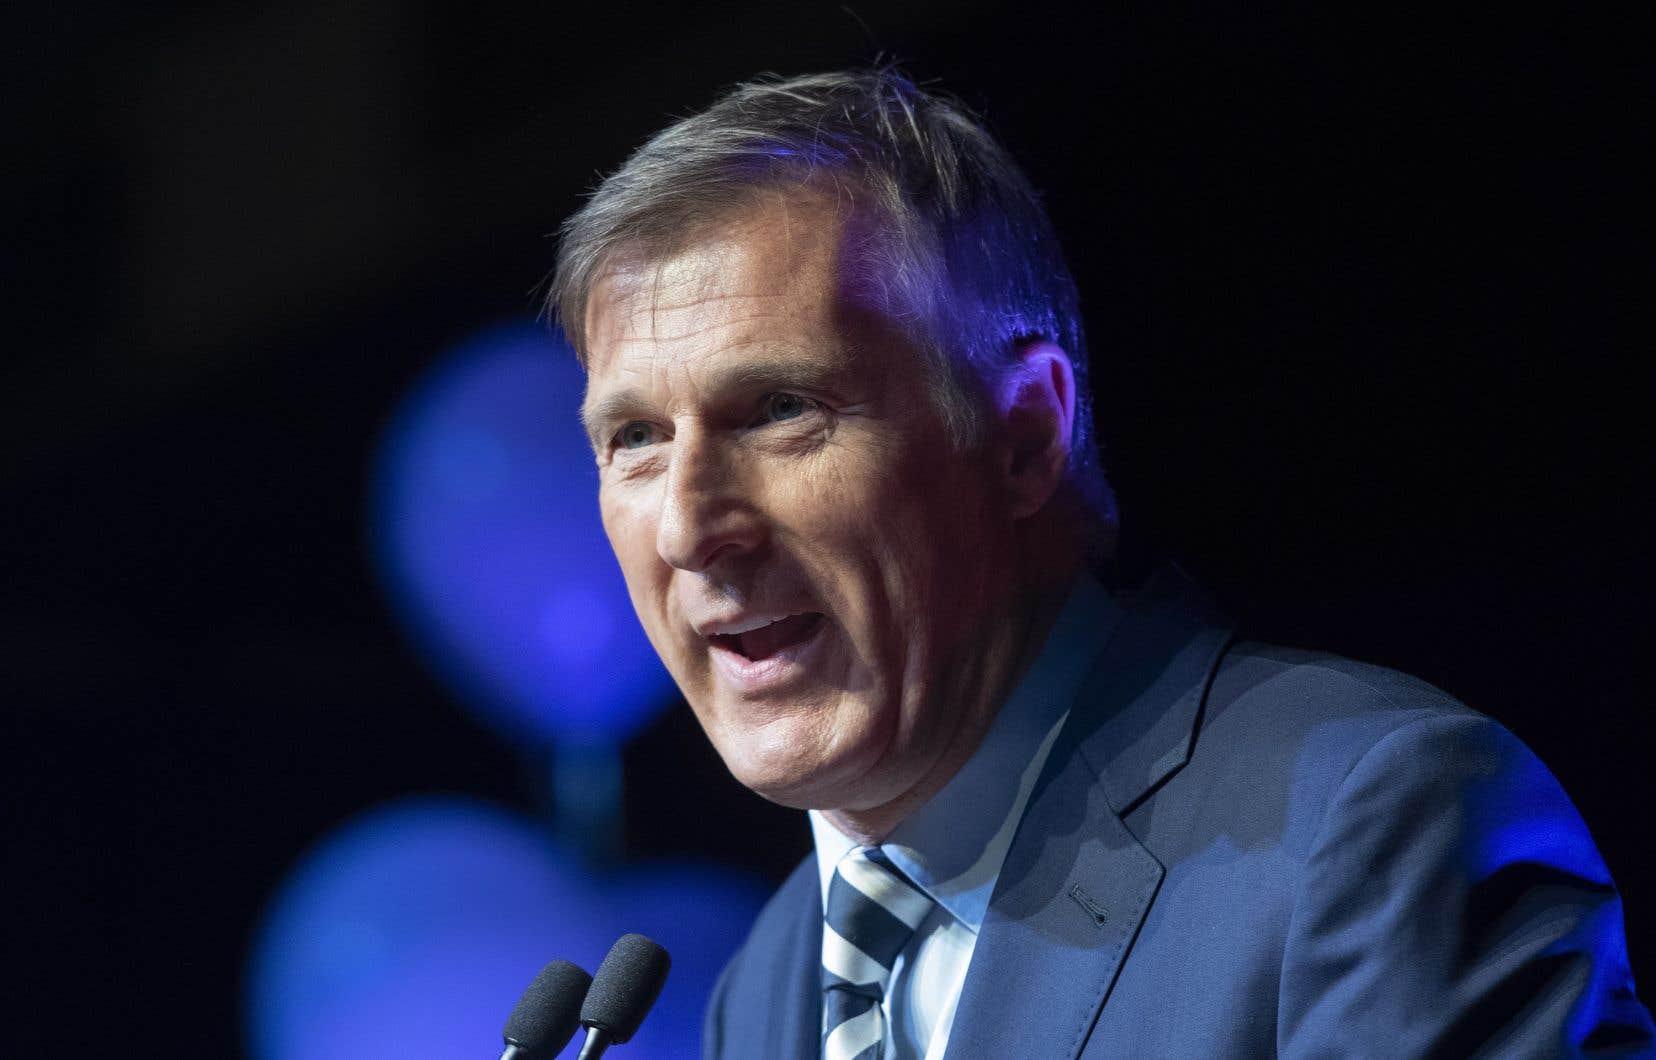 Maxime Bernier,député de Beauce depuis 2006, a toujours voté contre les tentatives de ses anciens collègues conservateurs de rouvrir le droit à l'avortement à la Chambre des communes.